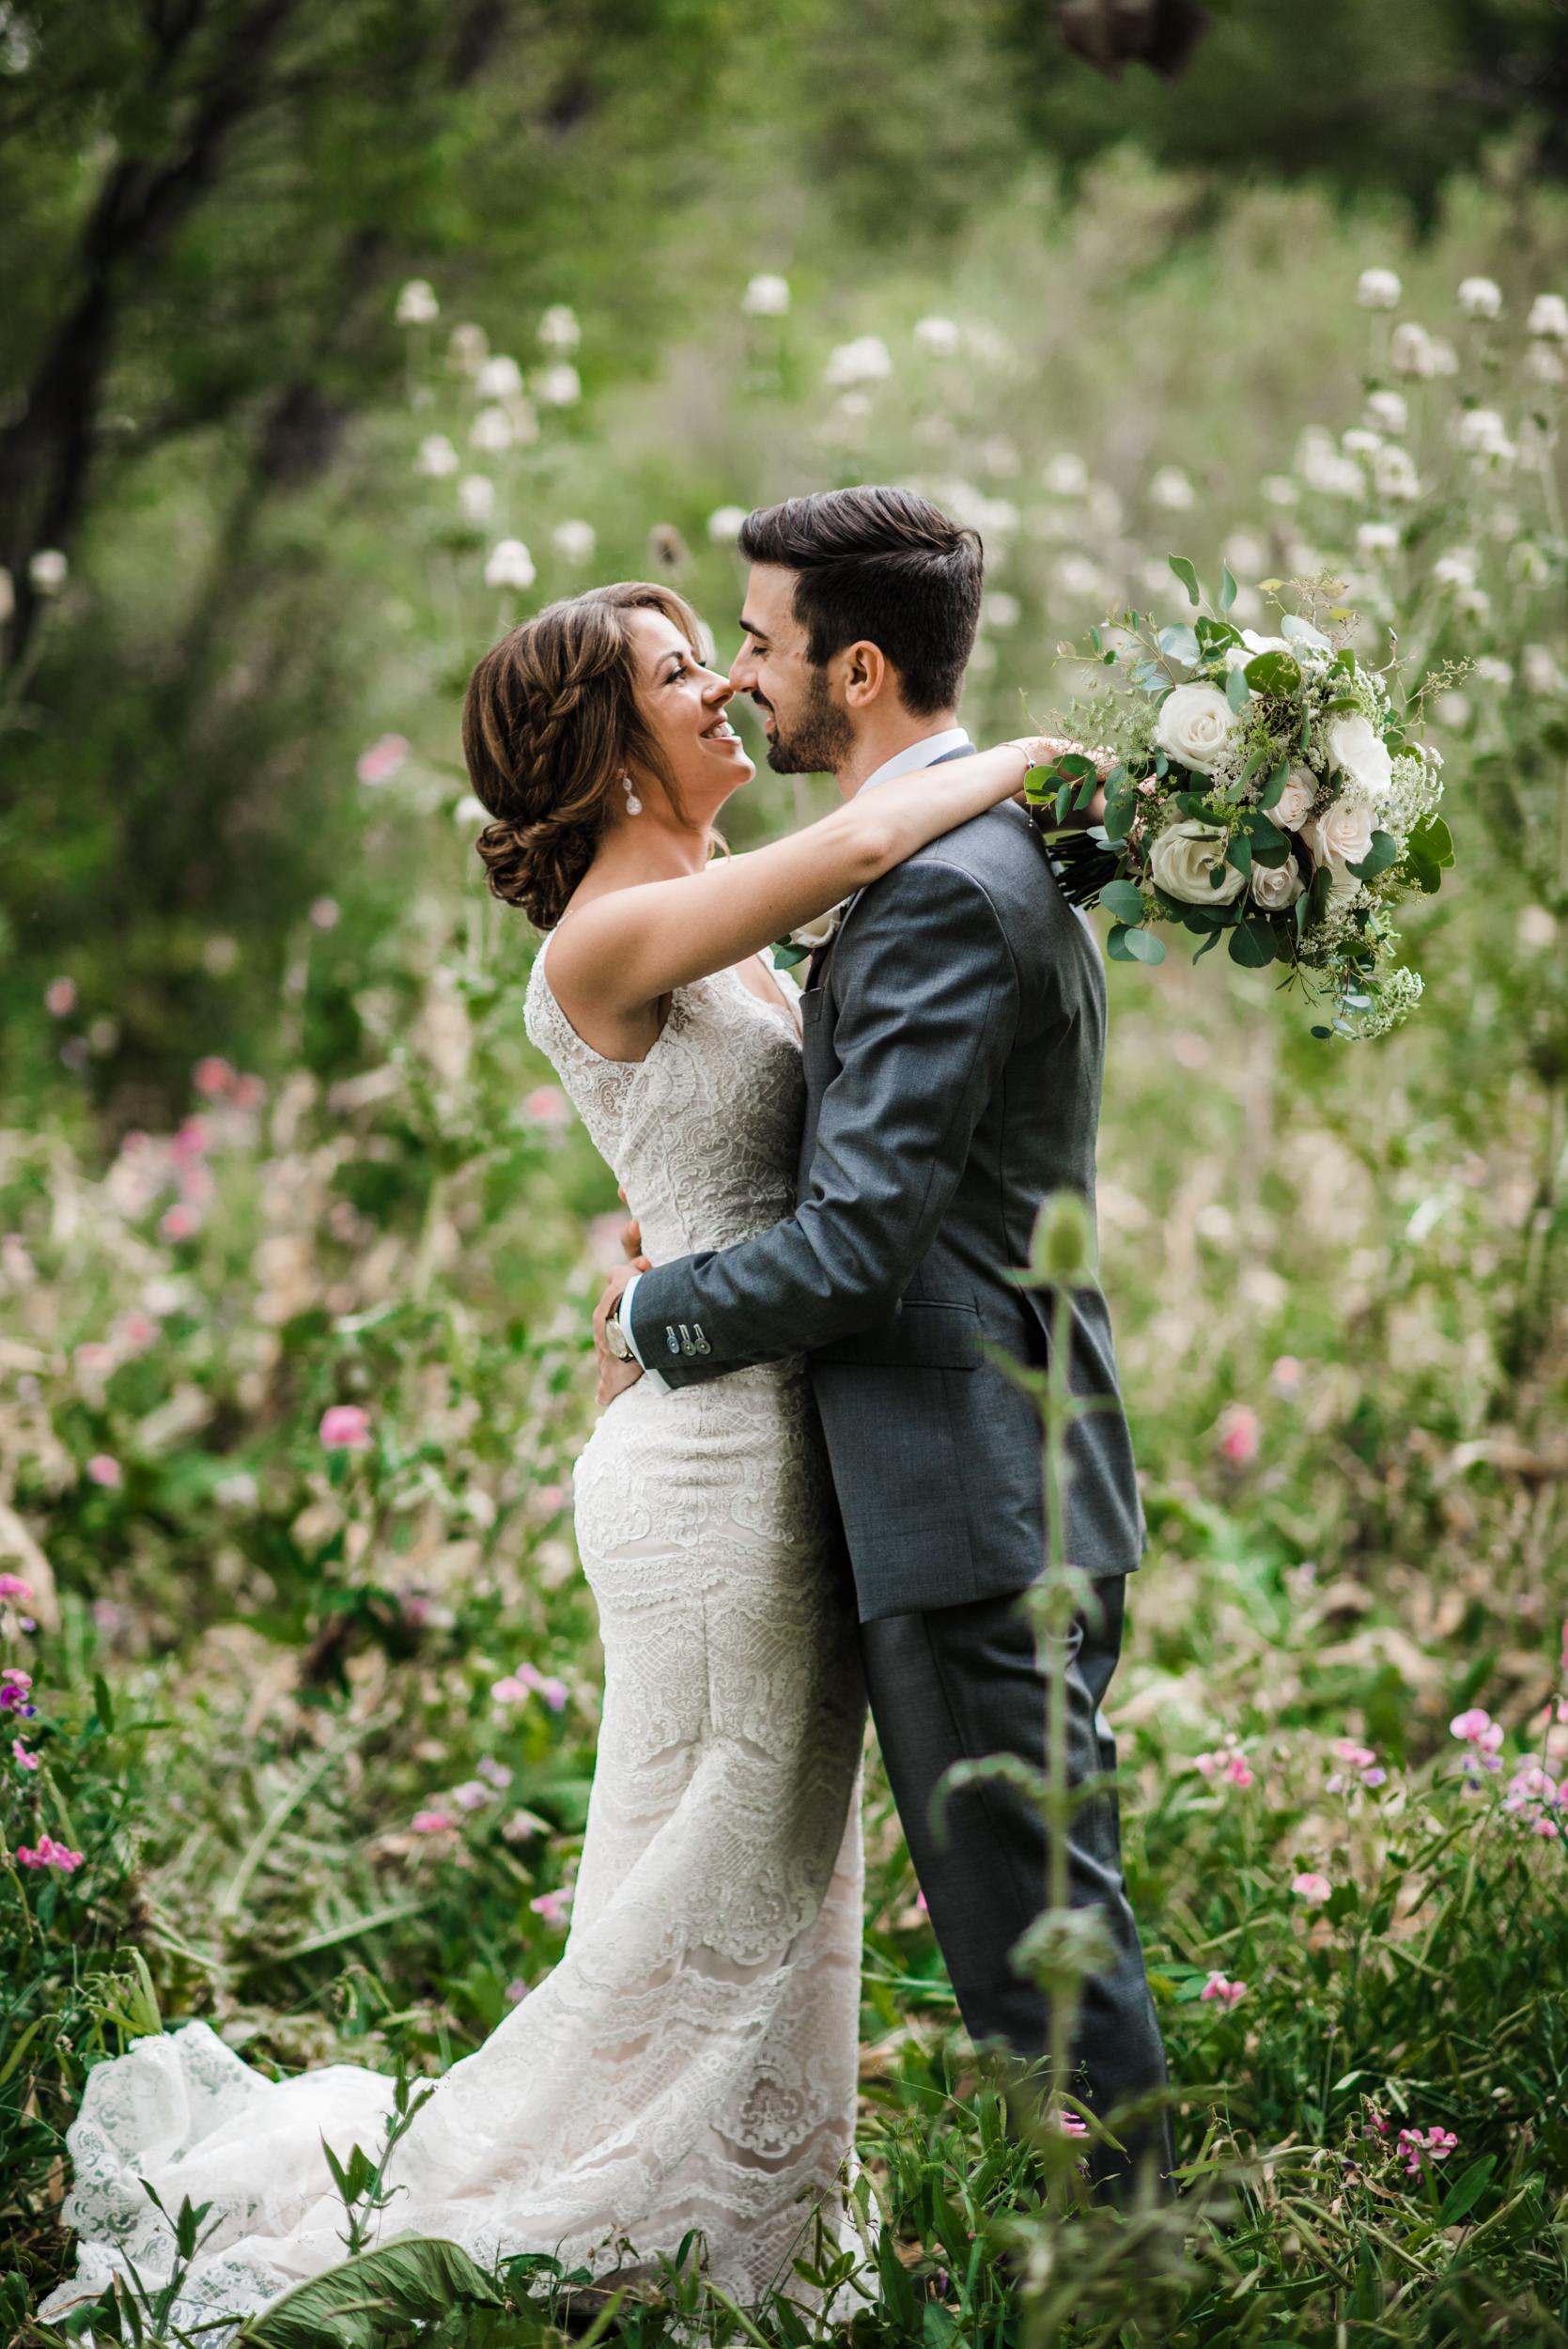 Colorado-mountain-wedding-photographer-arvada-58.jpg